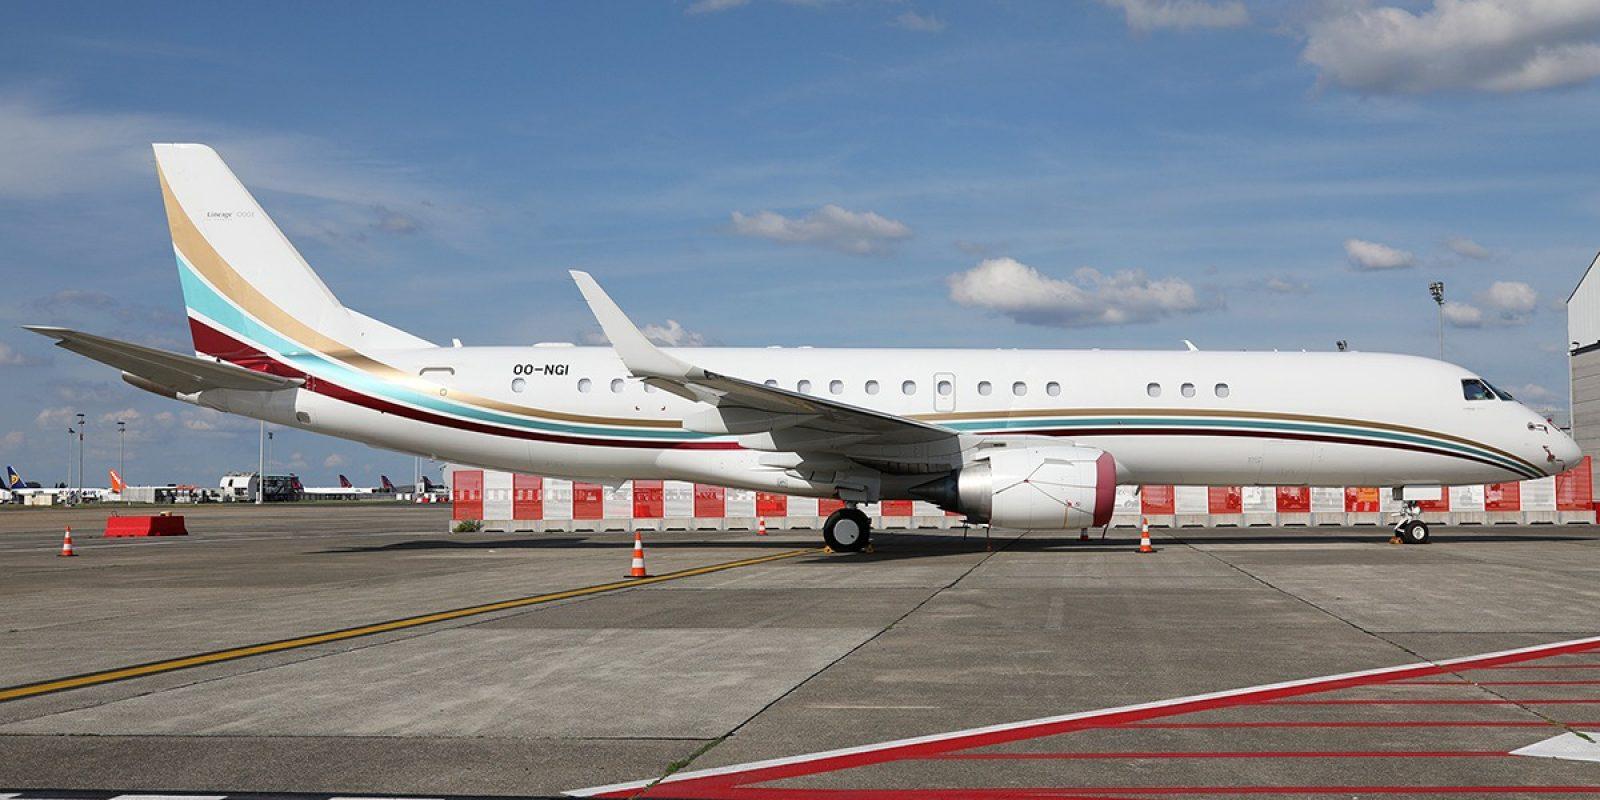 FlyingGroup opère le seul « bizliner » immatriculé belge. Le OO-NCI est un Embraer Lineage 1000, dérivé « avion d'affaires » de l'avion de ligne régionale EMB-190. Le OO-NCI (sn19000611) est photographié devant le hangar de FlyingGroup à Brussels Airport. (Photo Kevin Cleynhens)